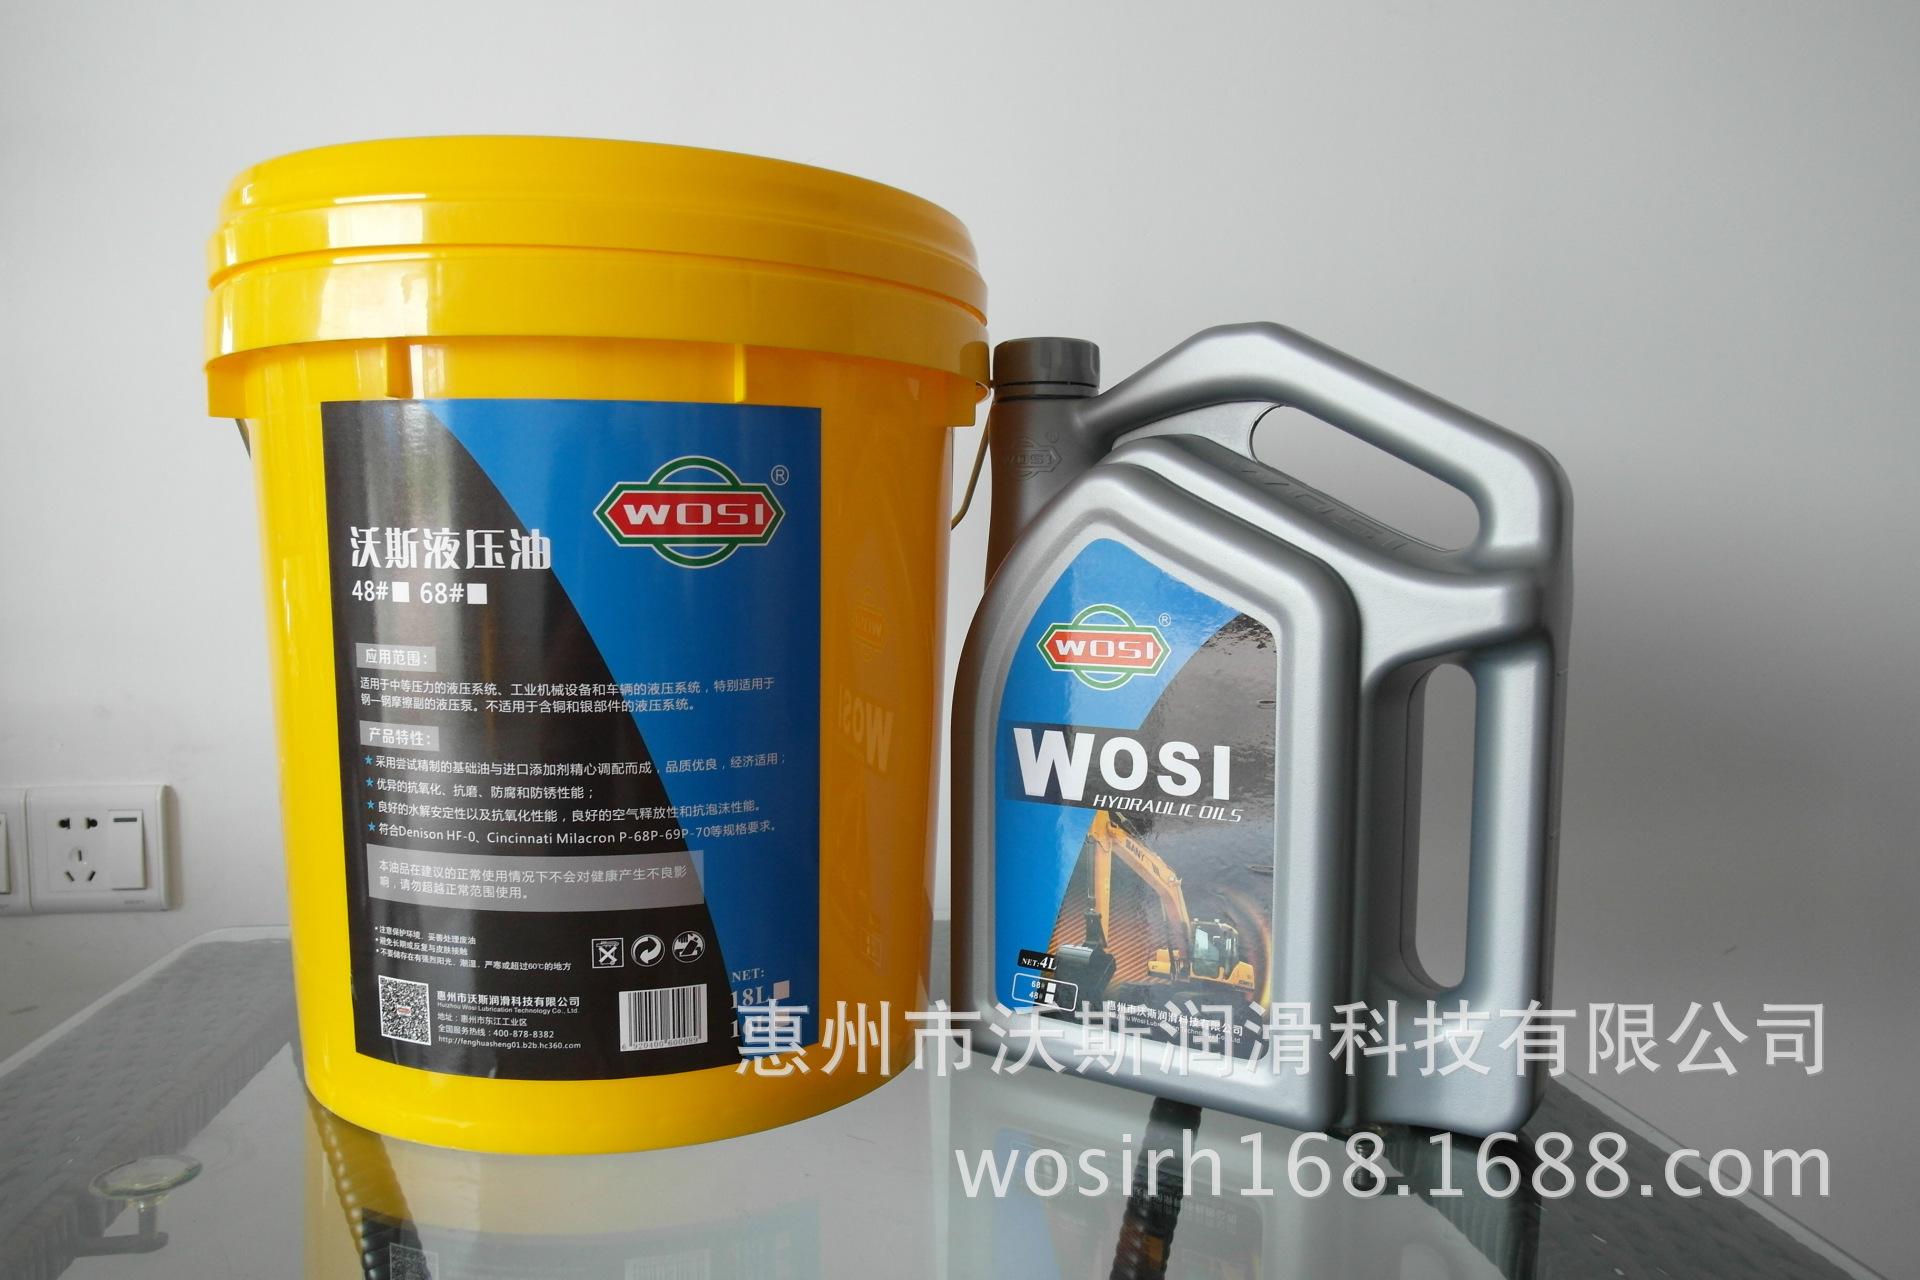 机械用85W/90齿轮油 4S专用汽车85W/140齿轮油 厂家直销齿轮油